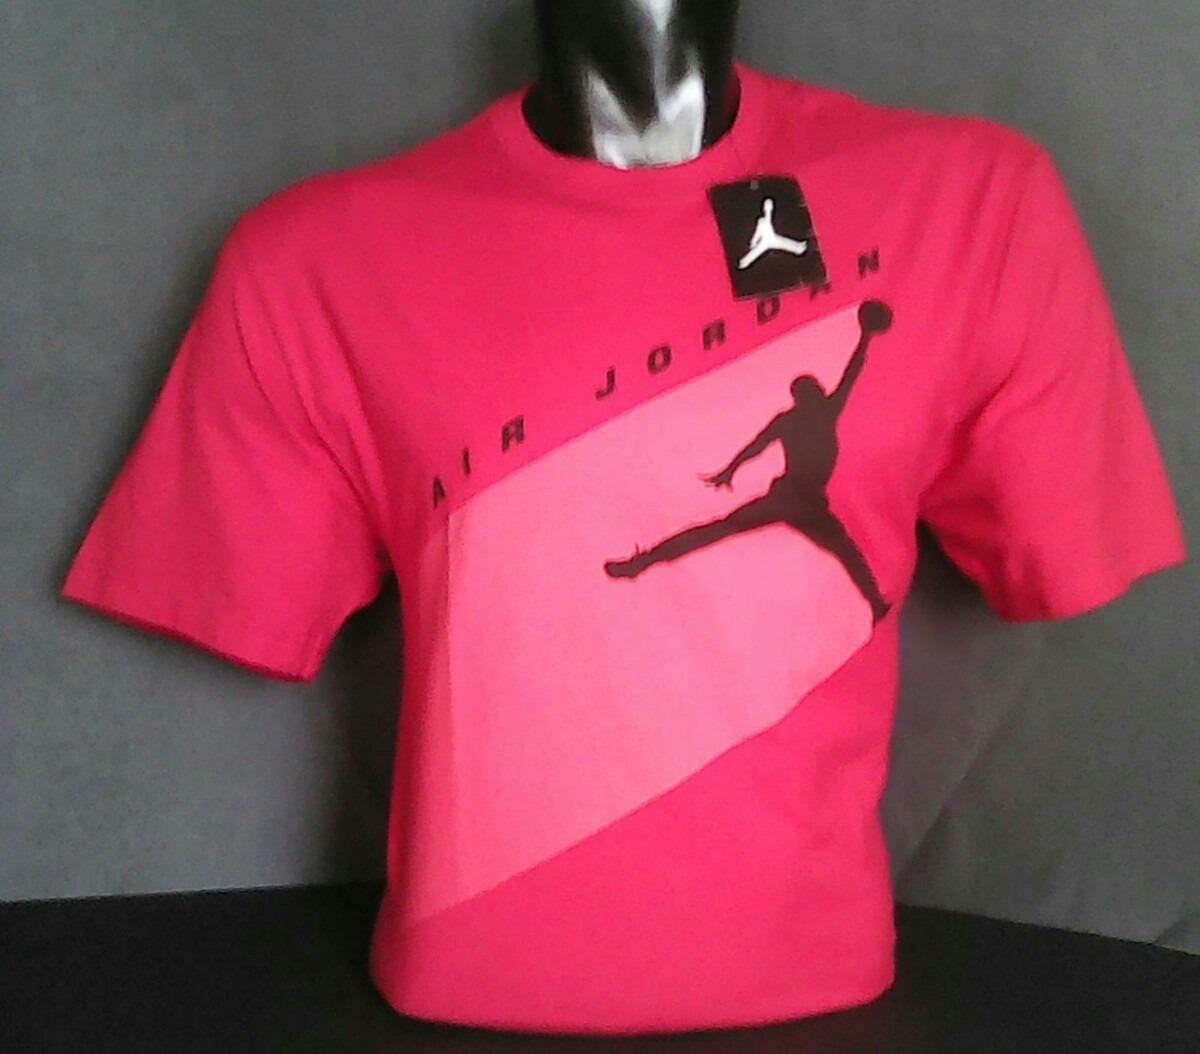 e2c37c35c55af Usa polo jordan logo retro talla color rojo jpg 1200x1054 Polo jordan